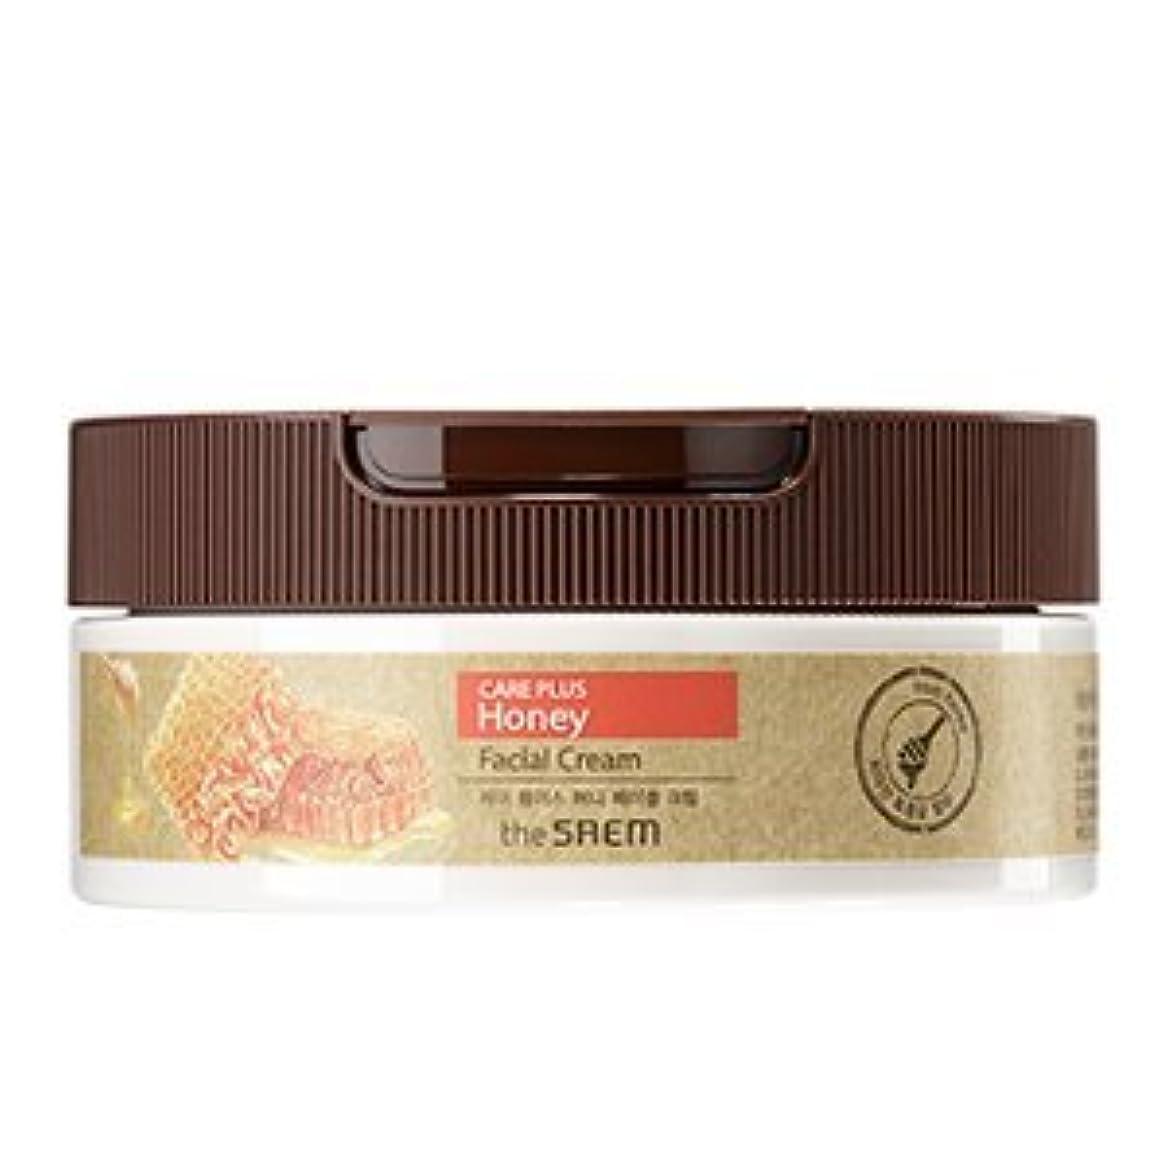 値取得するパトロンthe SAEM Care Plus Honey Facial Cream 200ml/ザセム ケア プラス ハニー フェイシャル クリーム 200ml [並行輸入品]